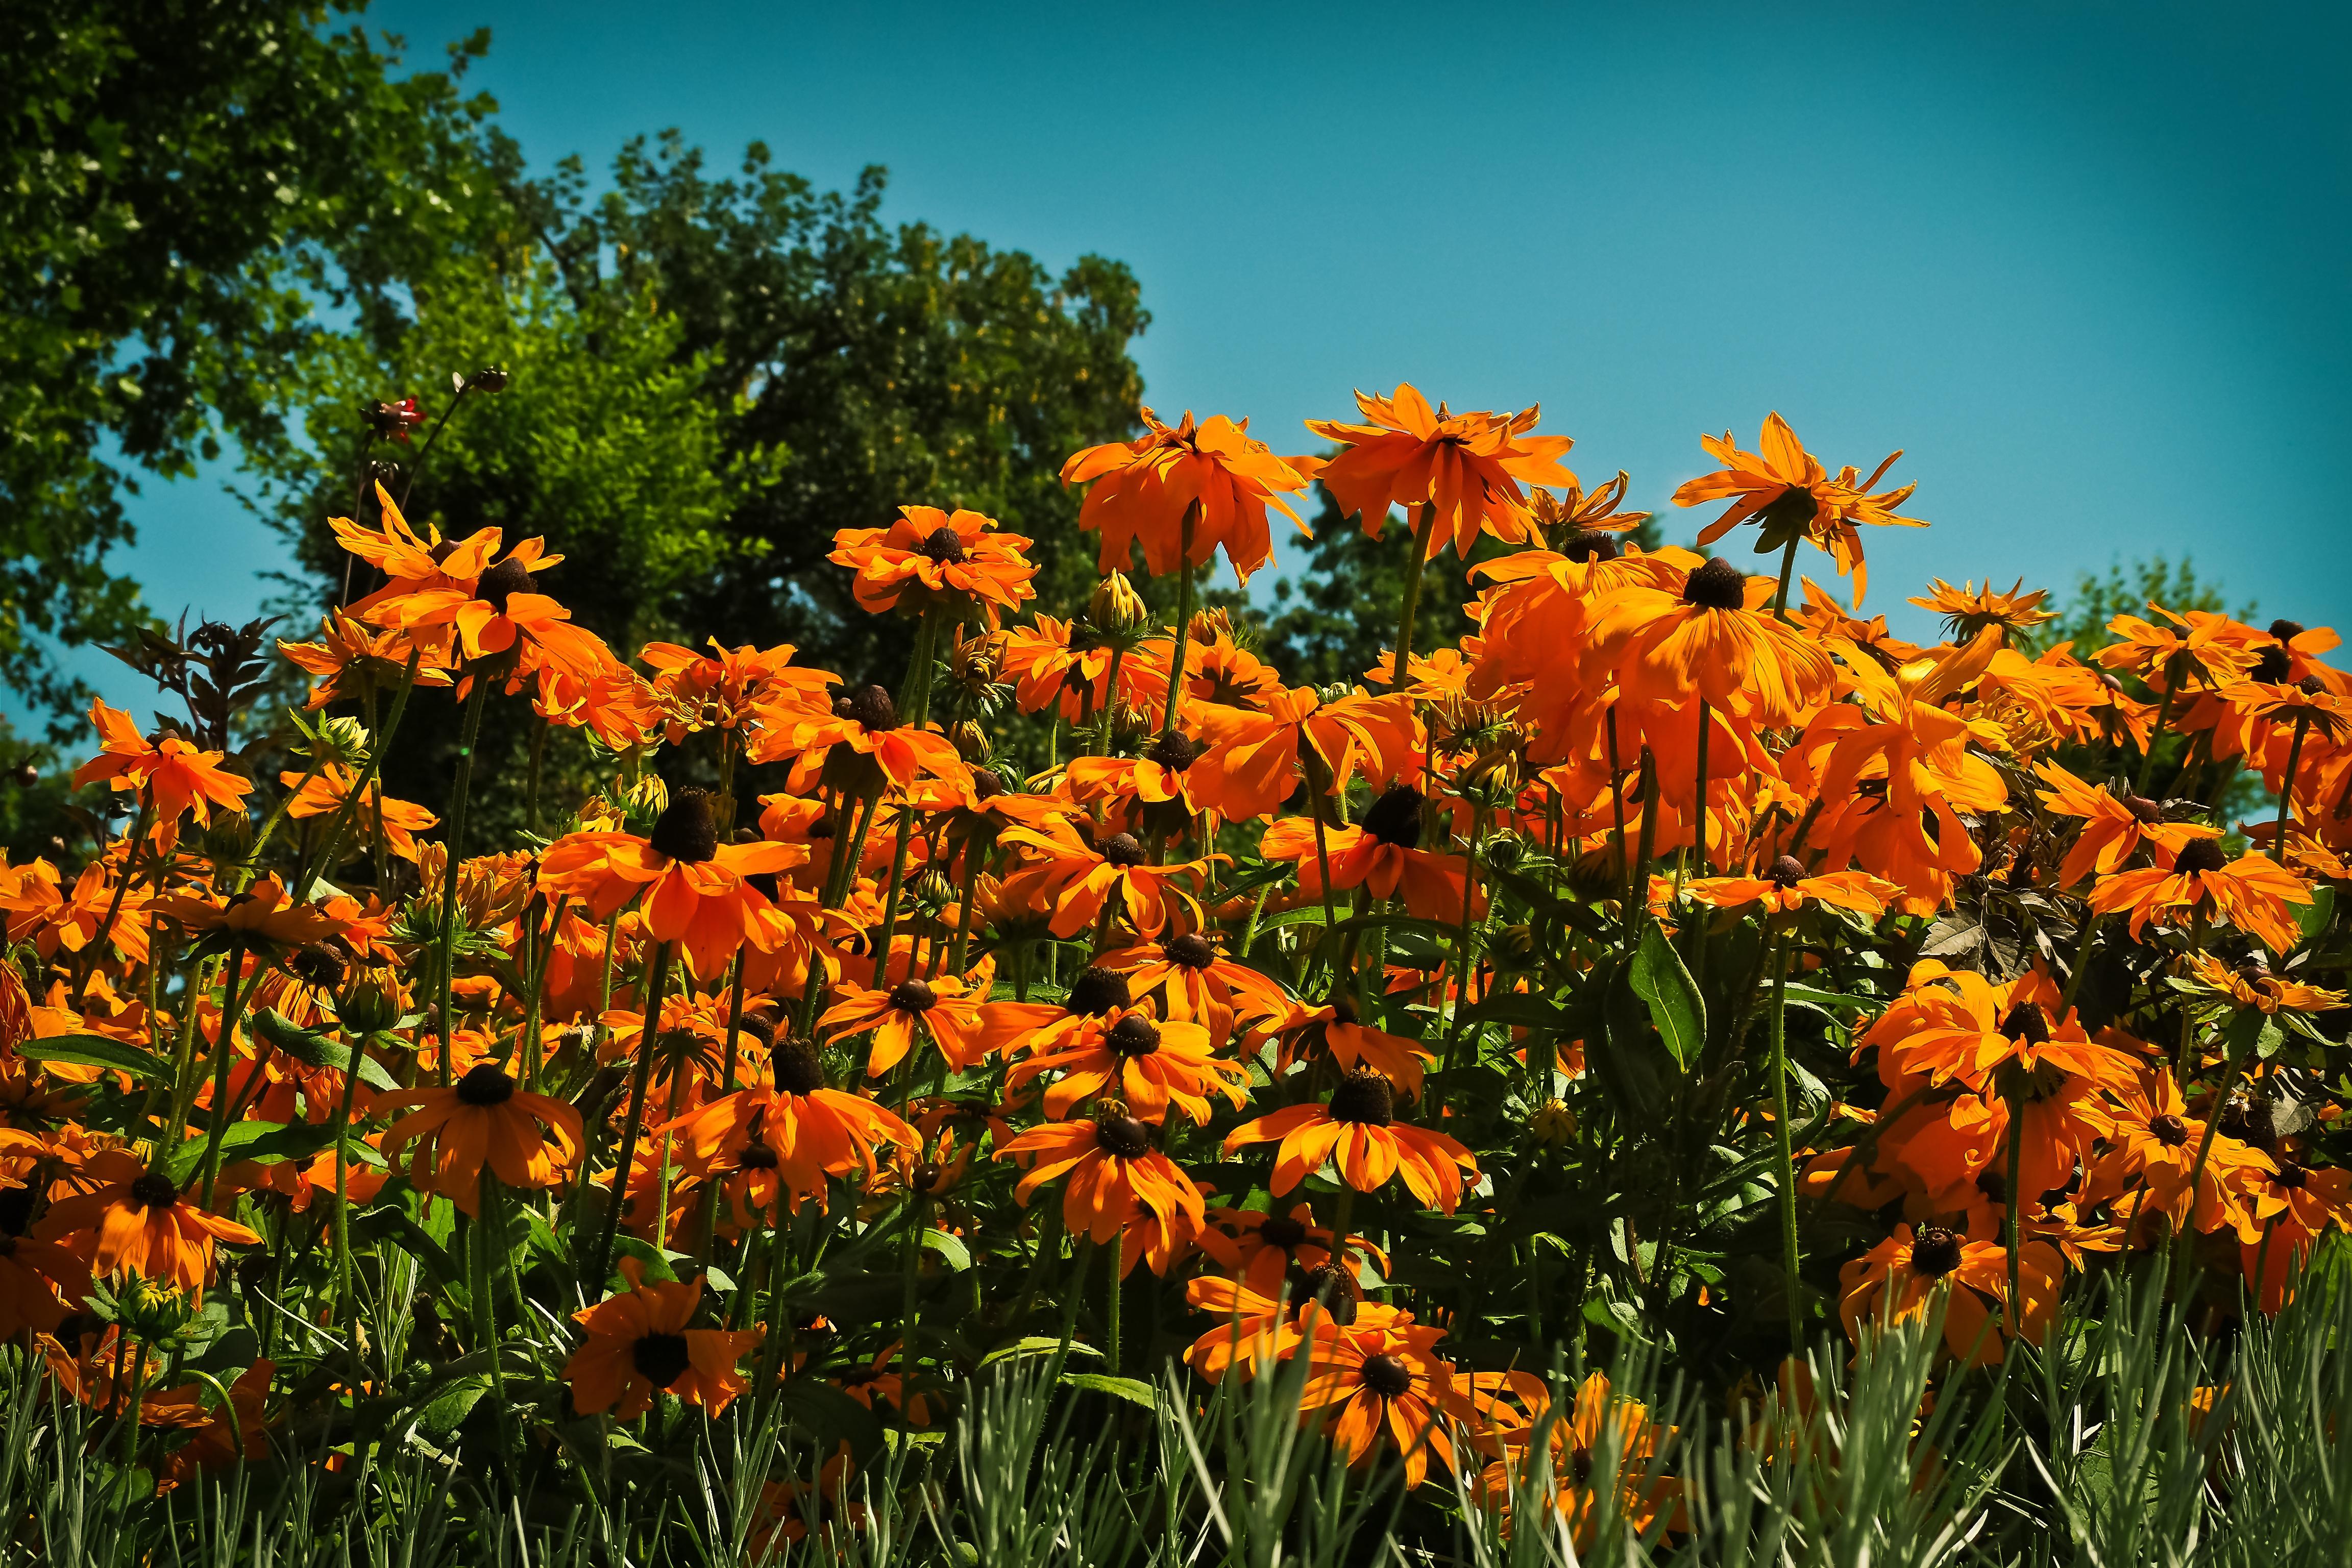 Kostenlose foto : Natur, Wiese, Prärie, Blatt, Blume, blühen, Sommer ...